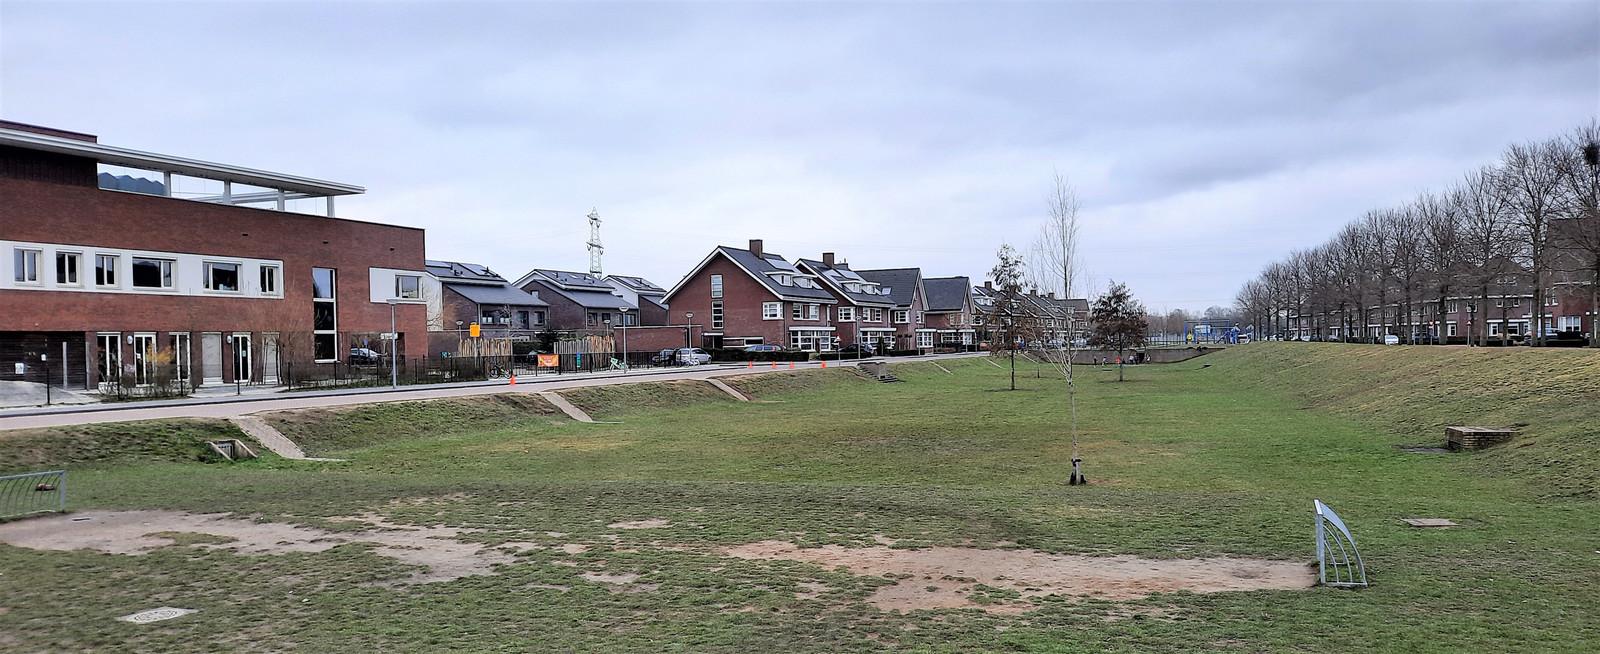 De wadi naast kindcentrum De Hoven in de Groote Wielen is een plek waar mogelijk een kunstgrassportveld  komt.